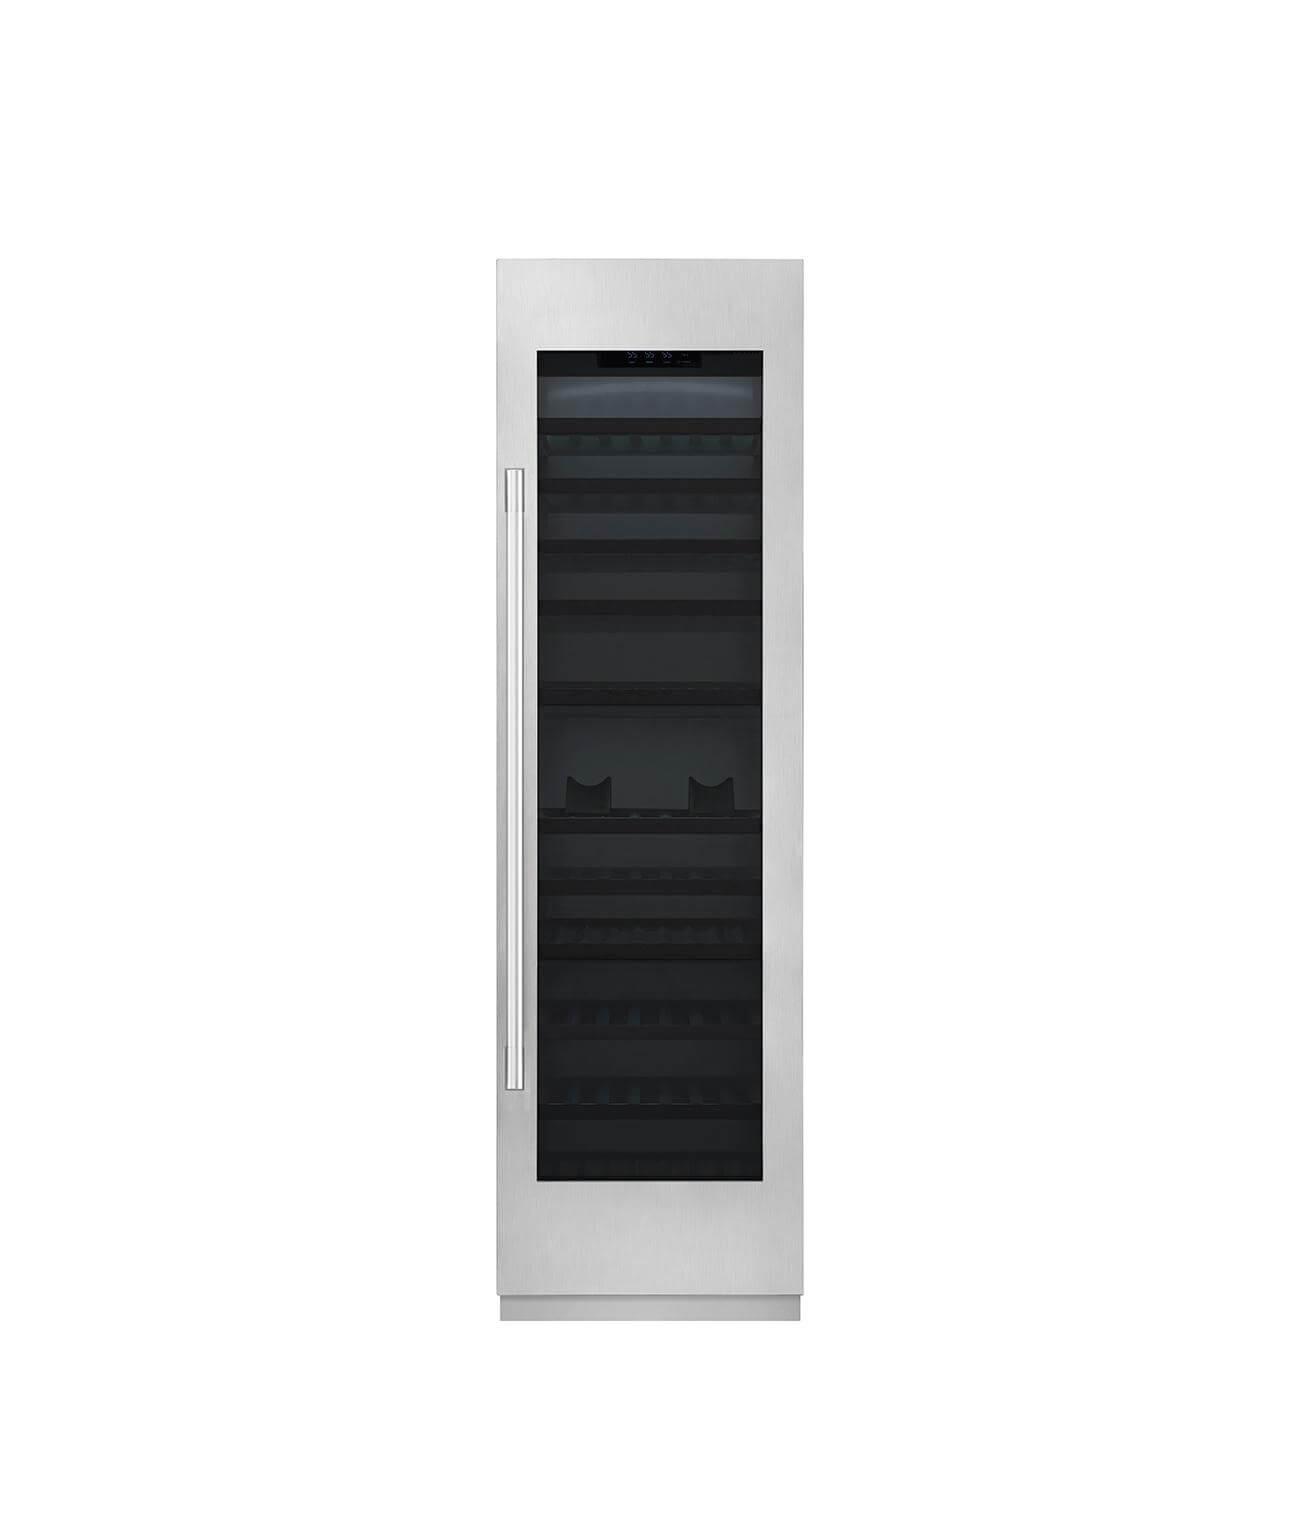 Cellier colonne intégré de 61cm (24po)